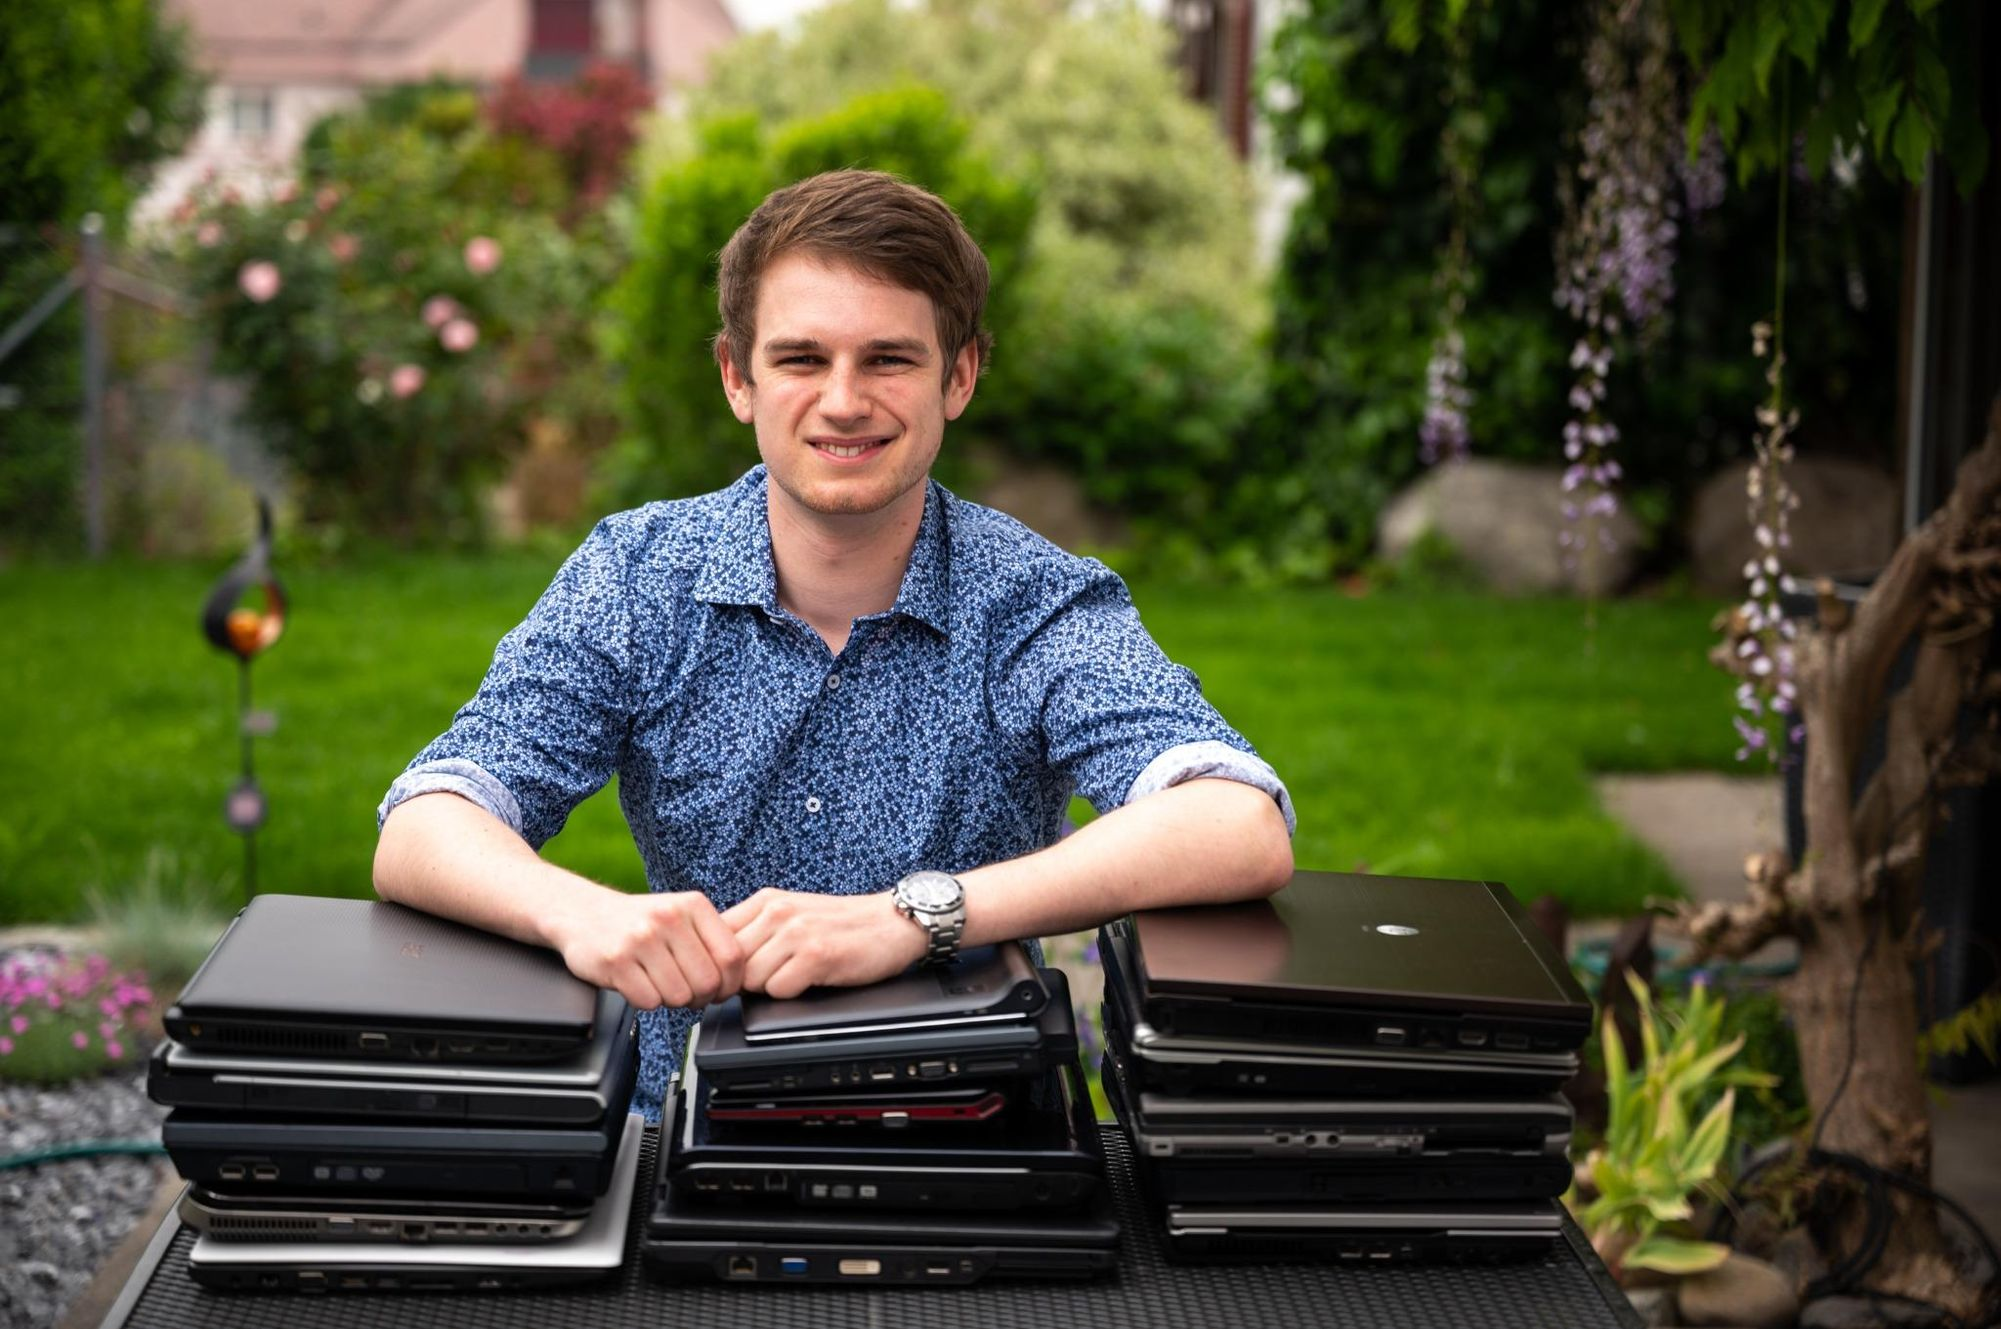 Wirtschaftsinformatik-Student sammelt alte Laptops für den guten Zweck